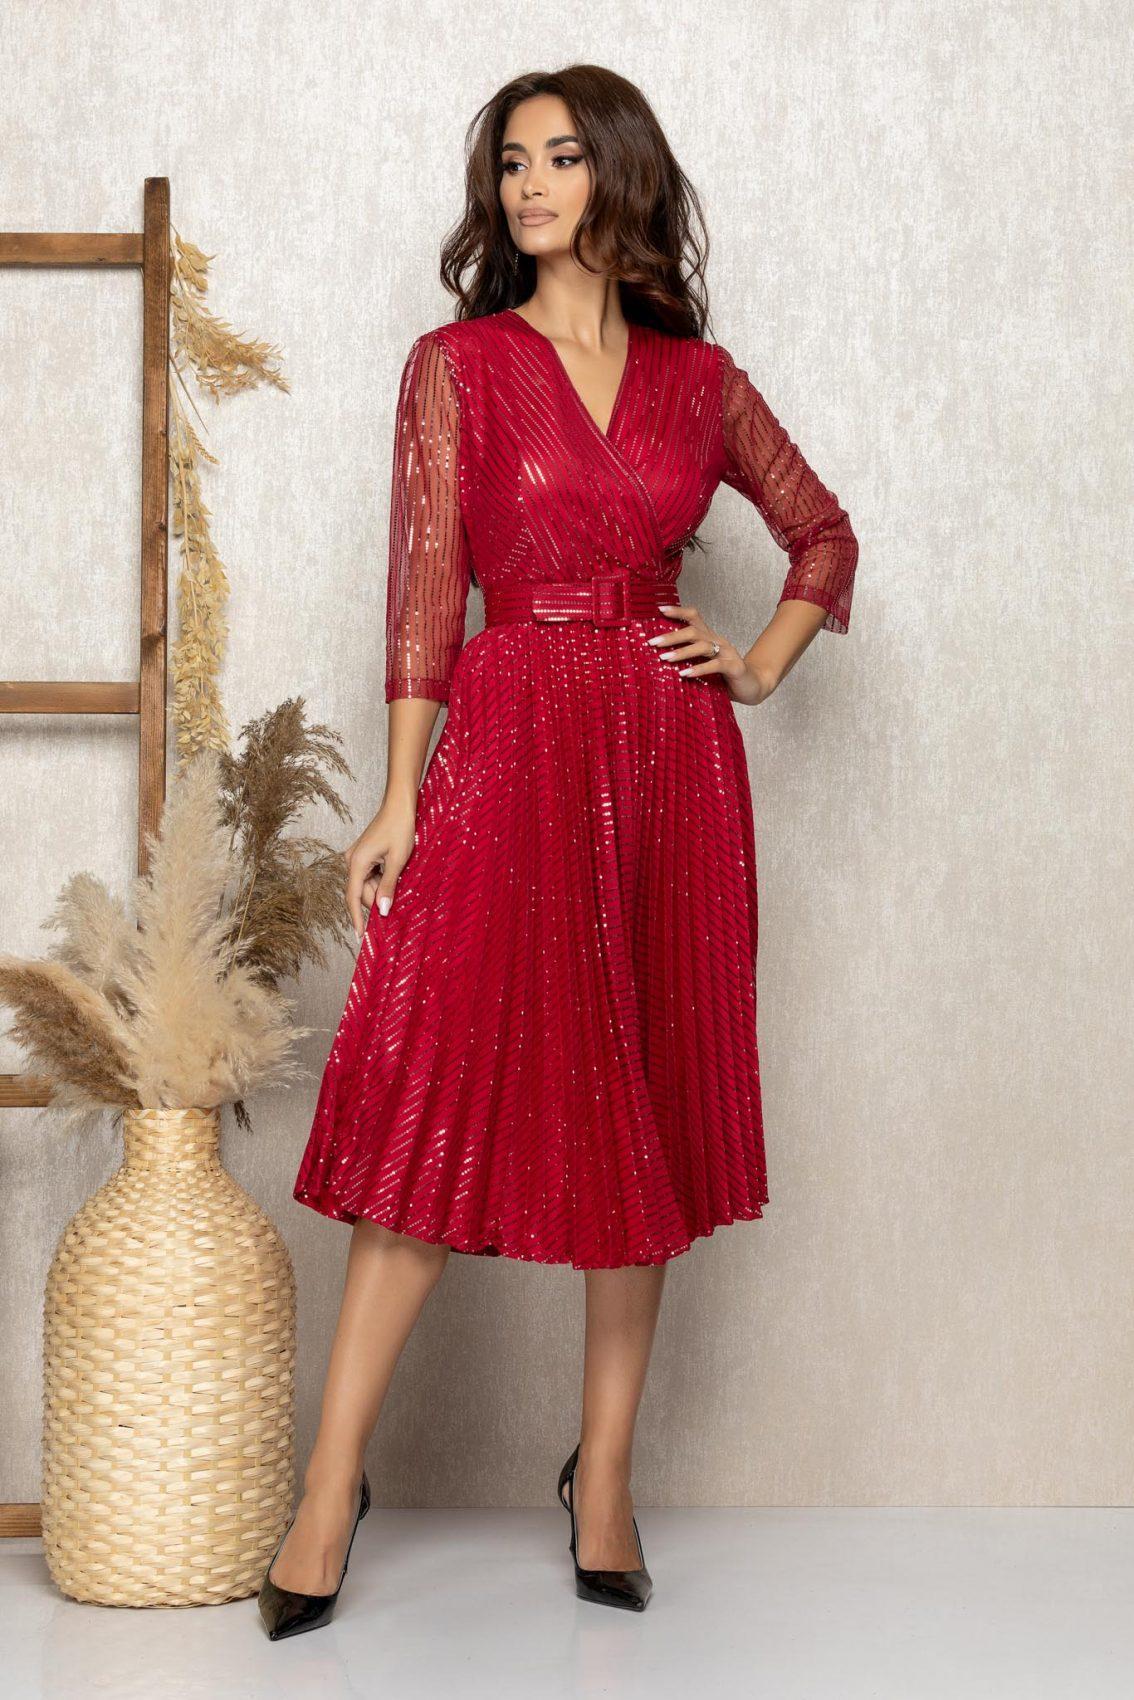 Μπορντό Μίντι Βραδινό Πλισέ Φόρεμα Delilah T288 1